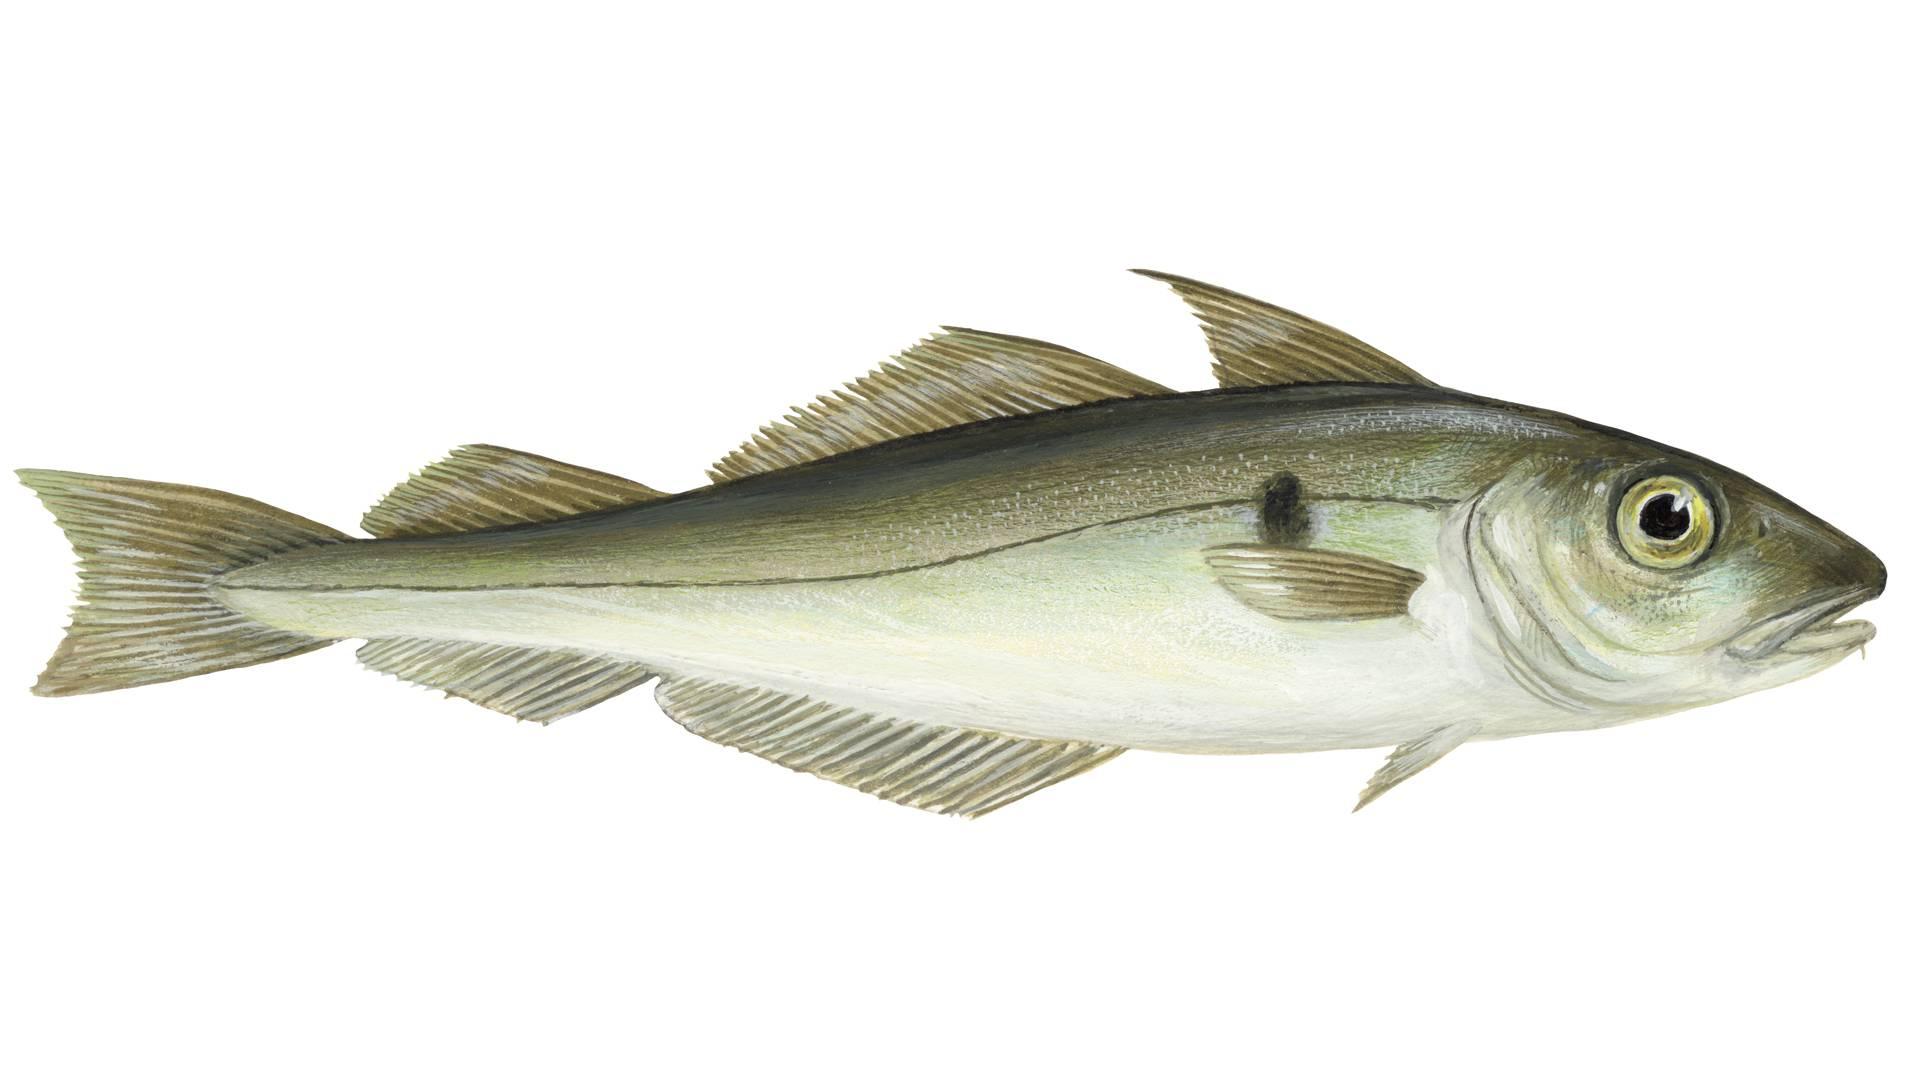 illustration of a Melanogrammus Aeglefinus - Haddock